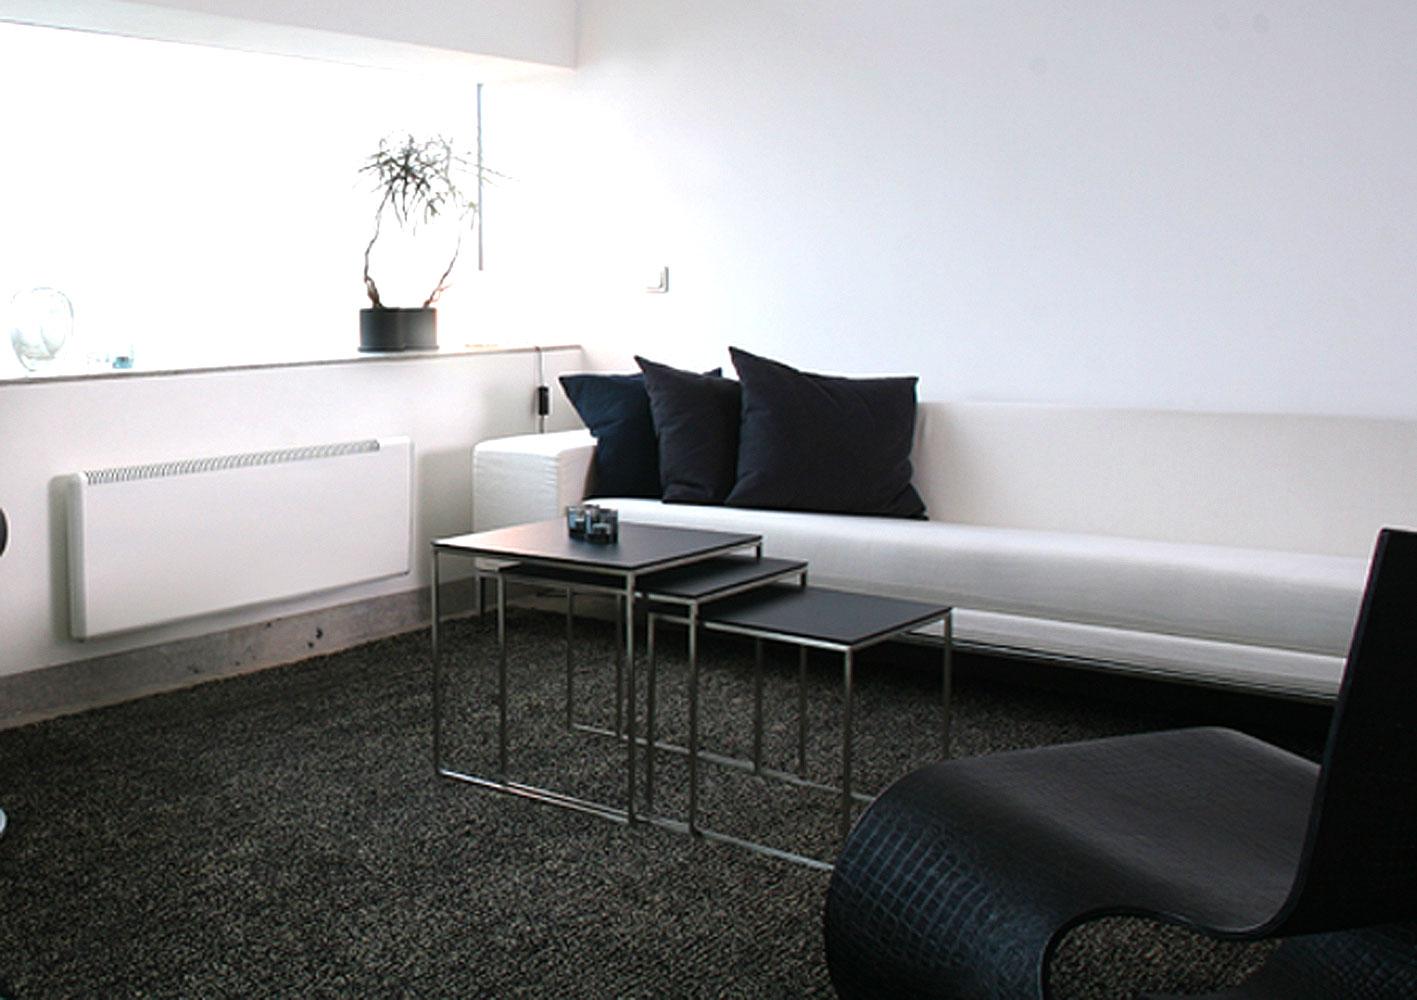 Riscaldamento elettrico svedese radiatore elettrico a basso consumo - Riscaldare casa a basso costo ...